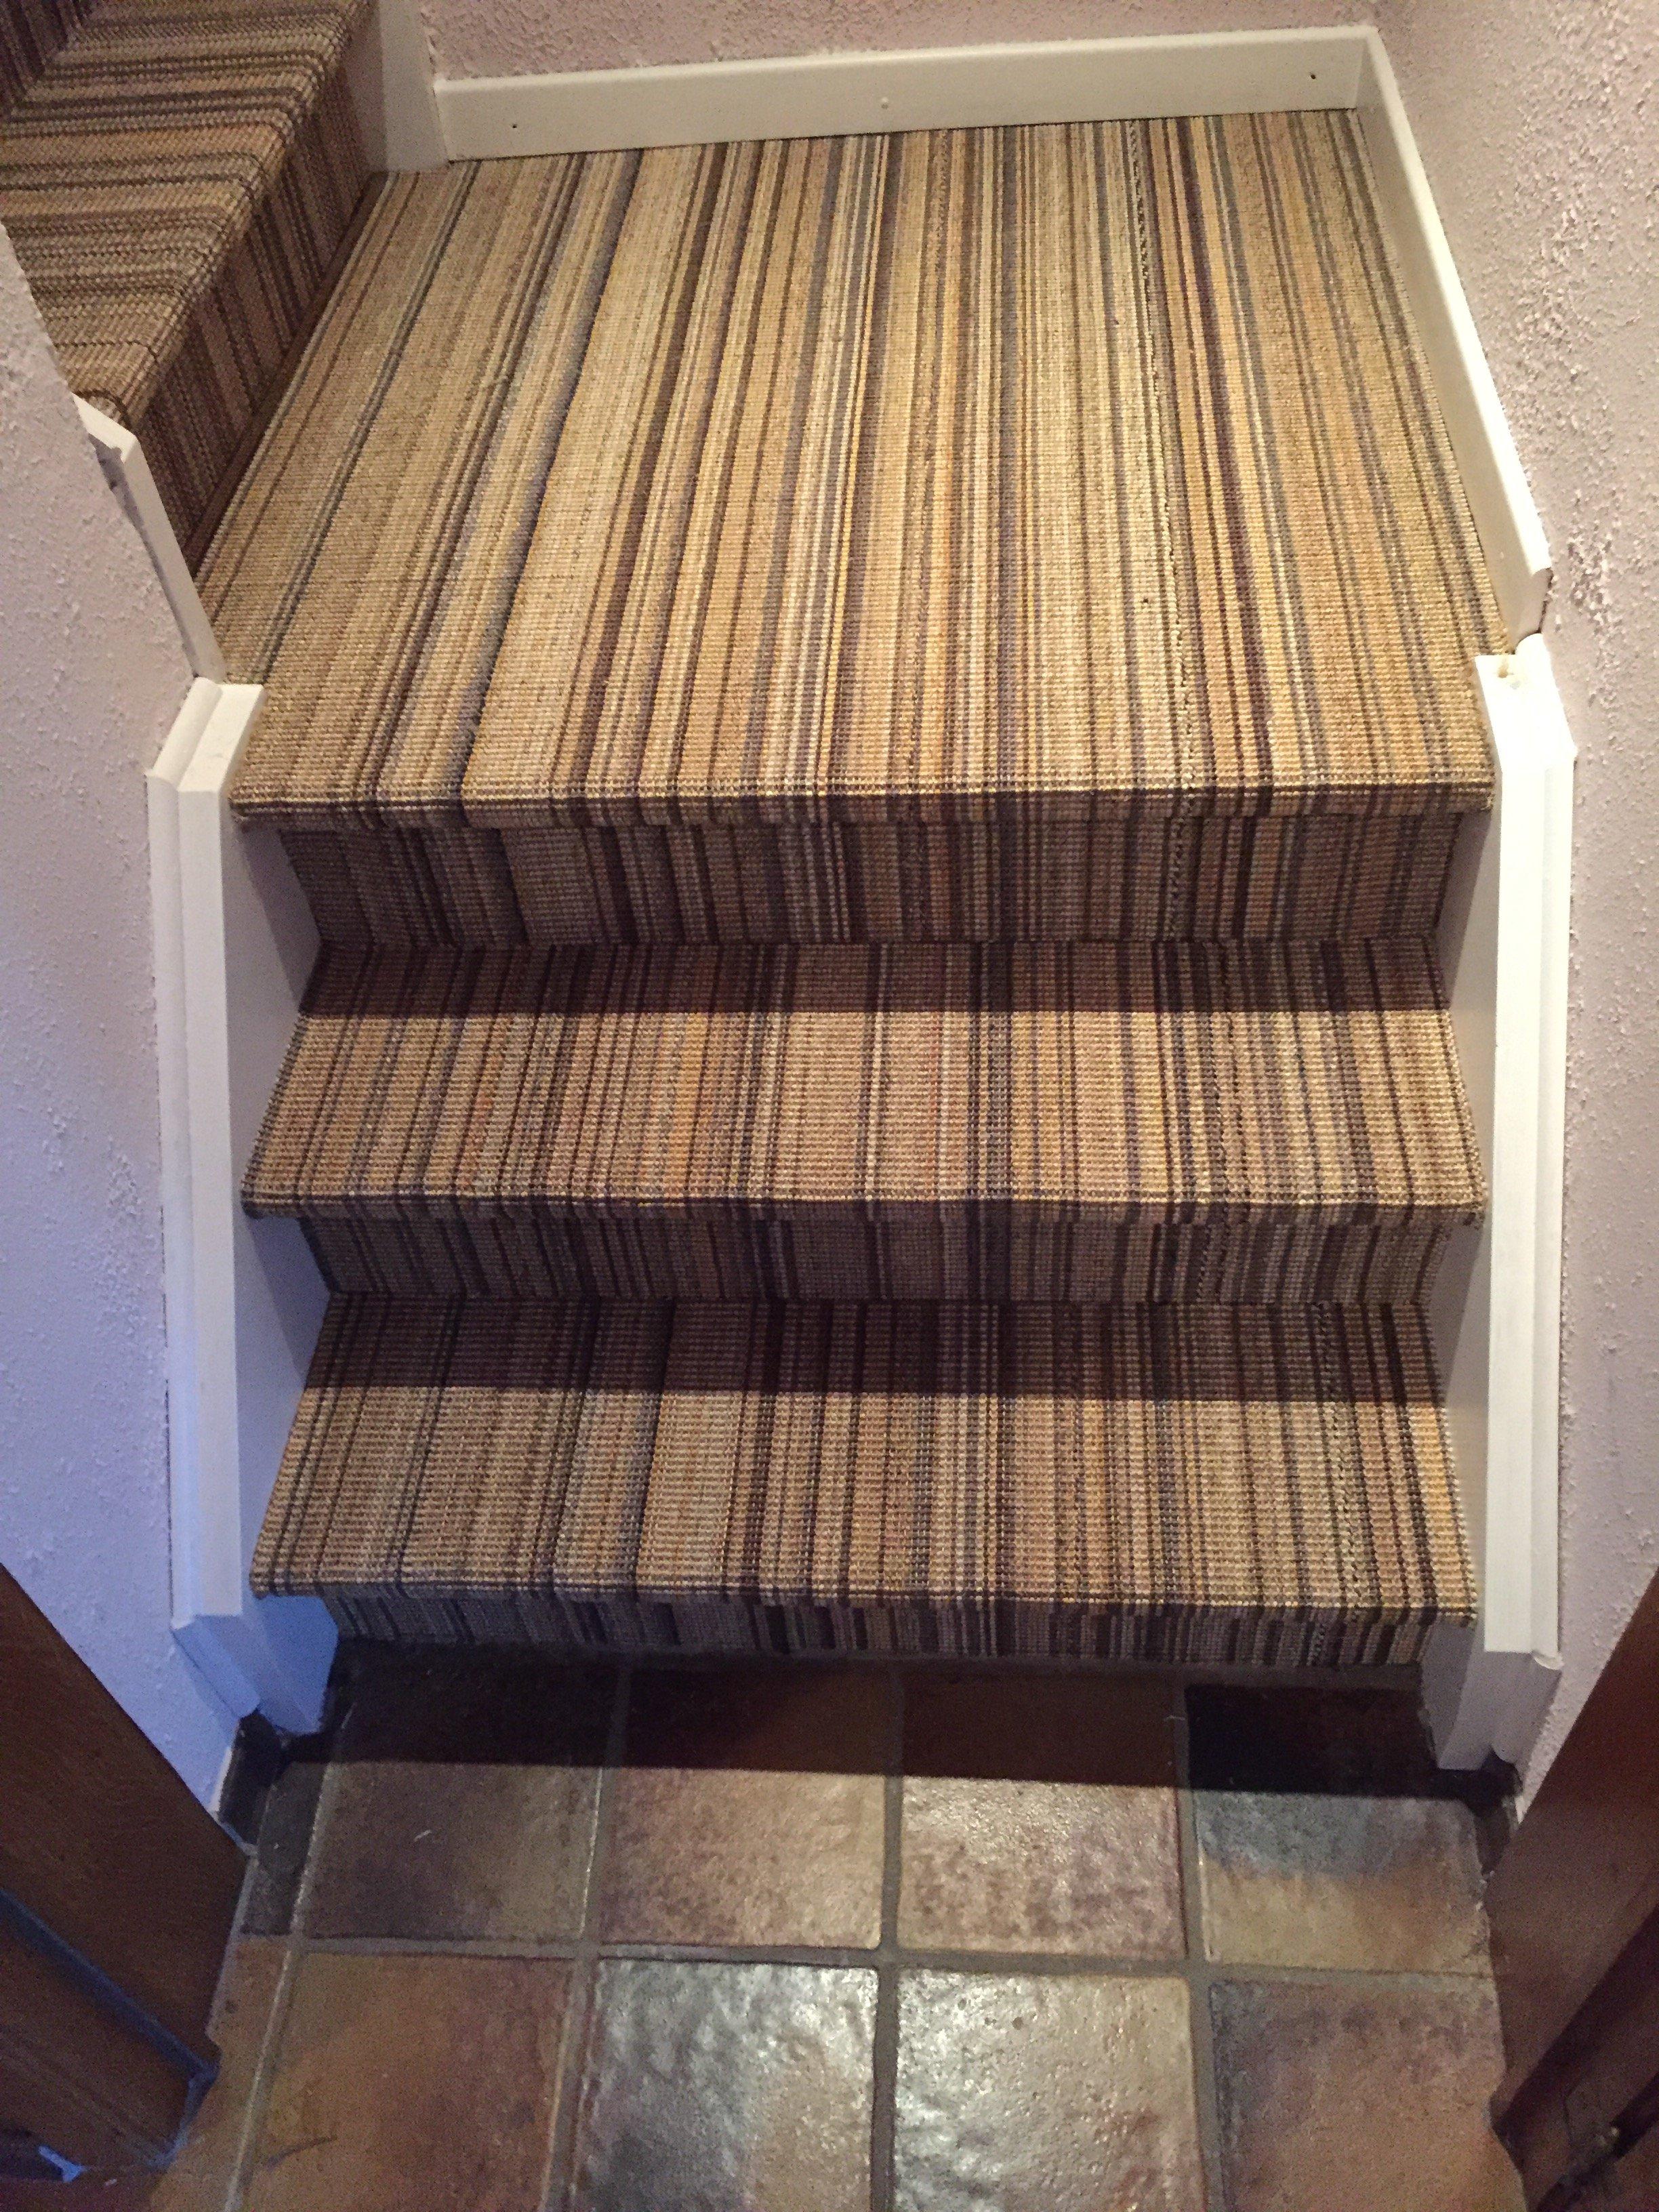 pose escalier , pose de sisal sur escalier | Walter Tiegel à Gembloux